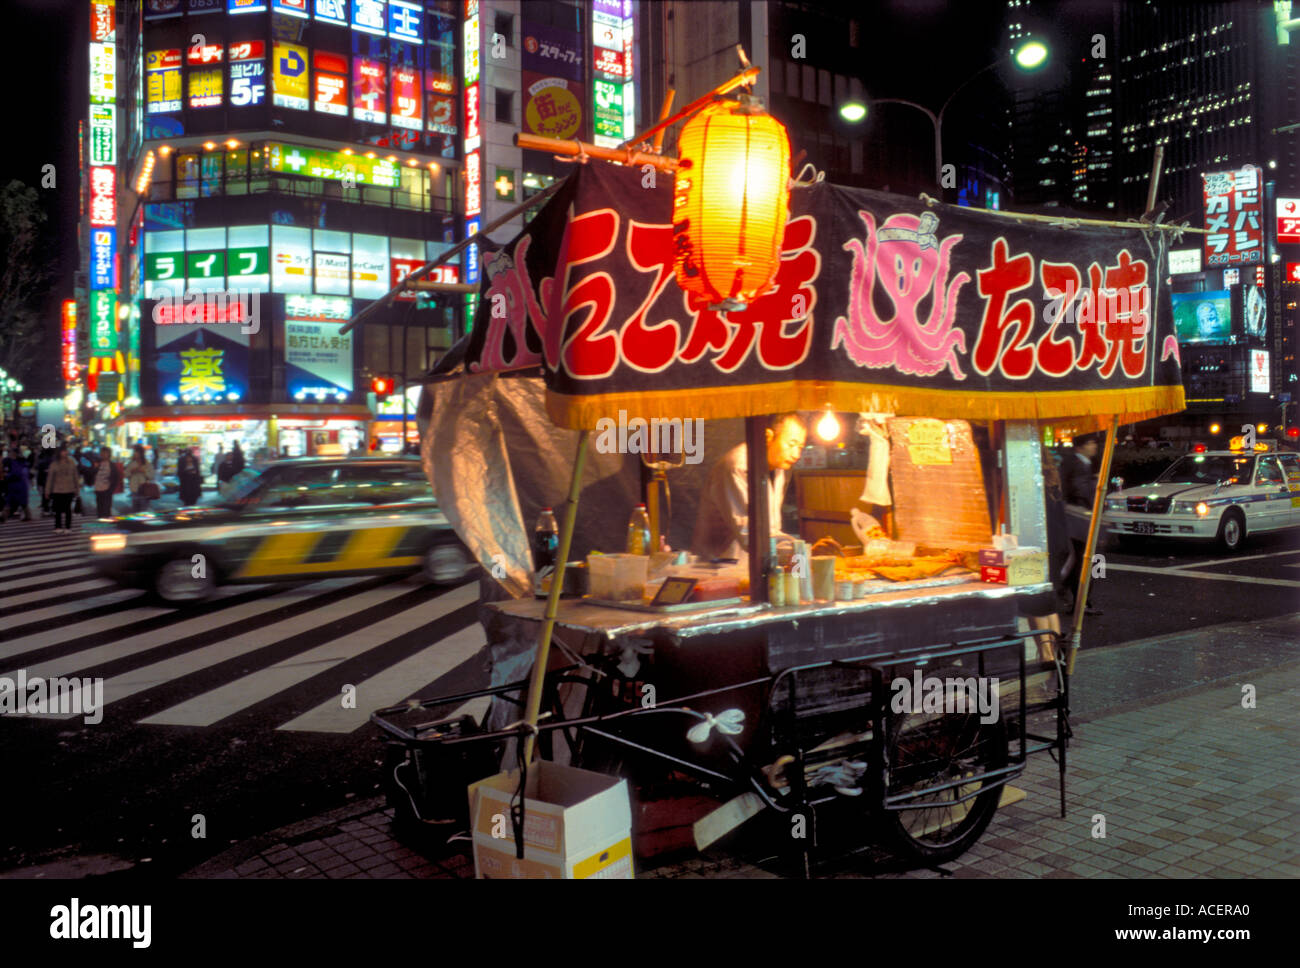 Vente Panier Octopus balles takoyaki sur coin de rue dans le centre-ville de Tokyo la nuit Photo Stock